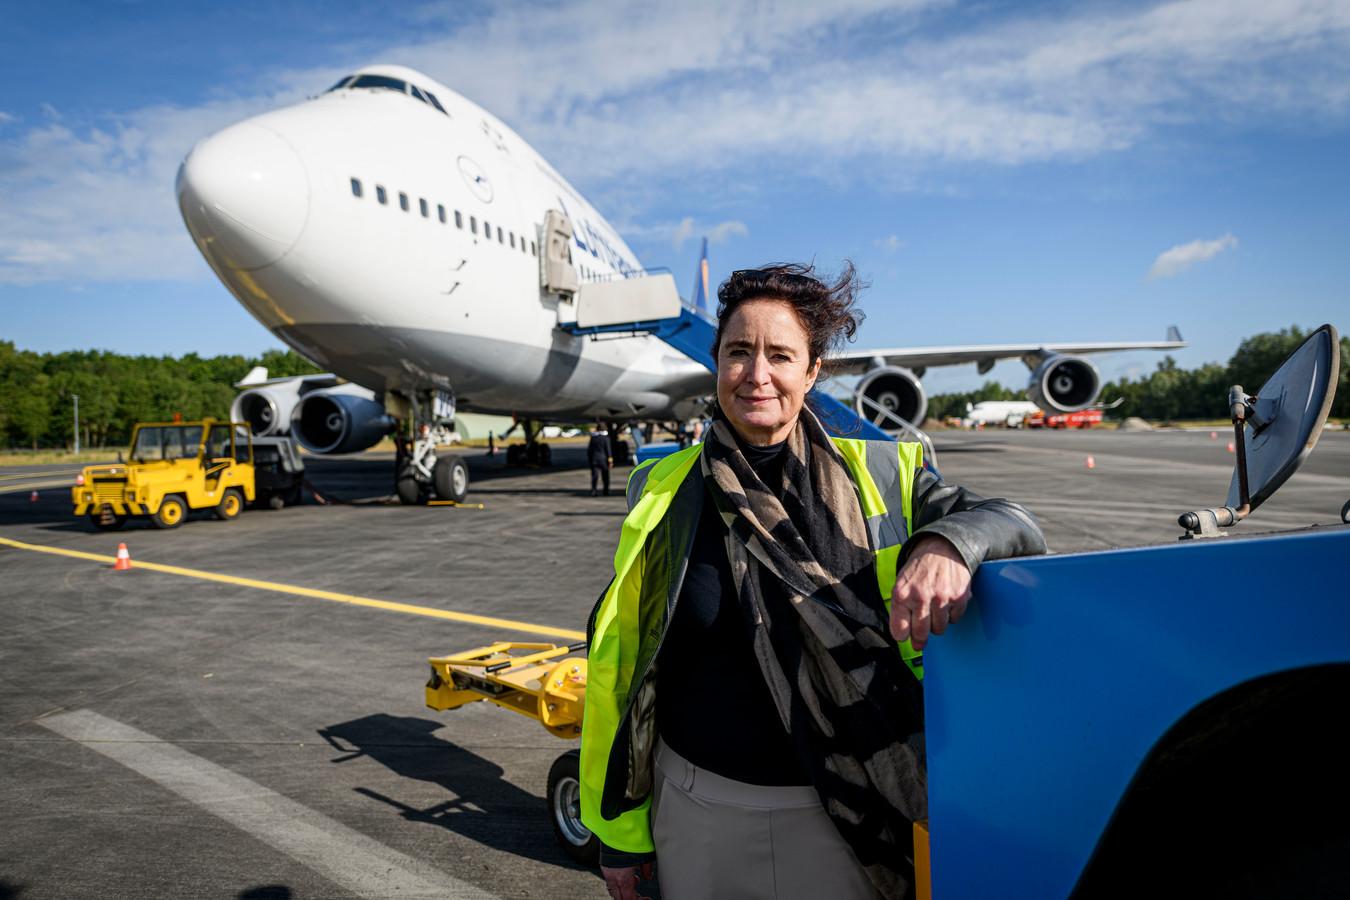 Directeur Meiltje de Groot van Twente Airport was in juni opgetogen over de eerste Boeings op Twente. Het markeerde het begin van een centrum voor vliegtuigonderhoud.